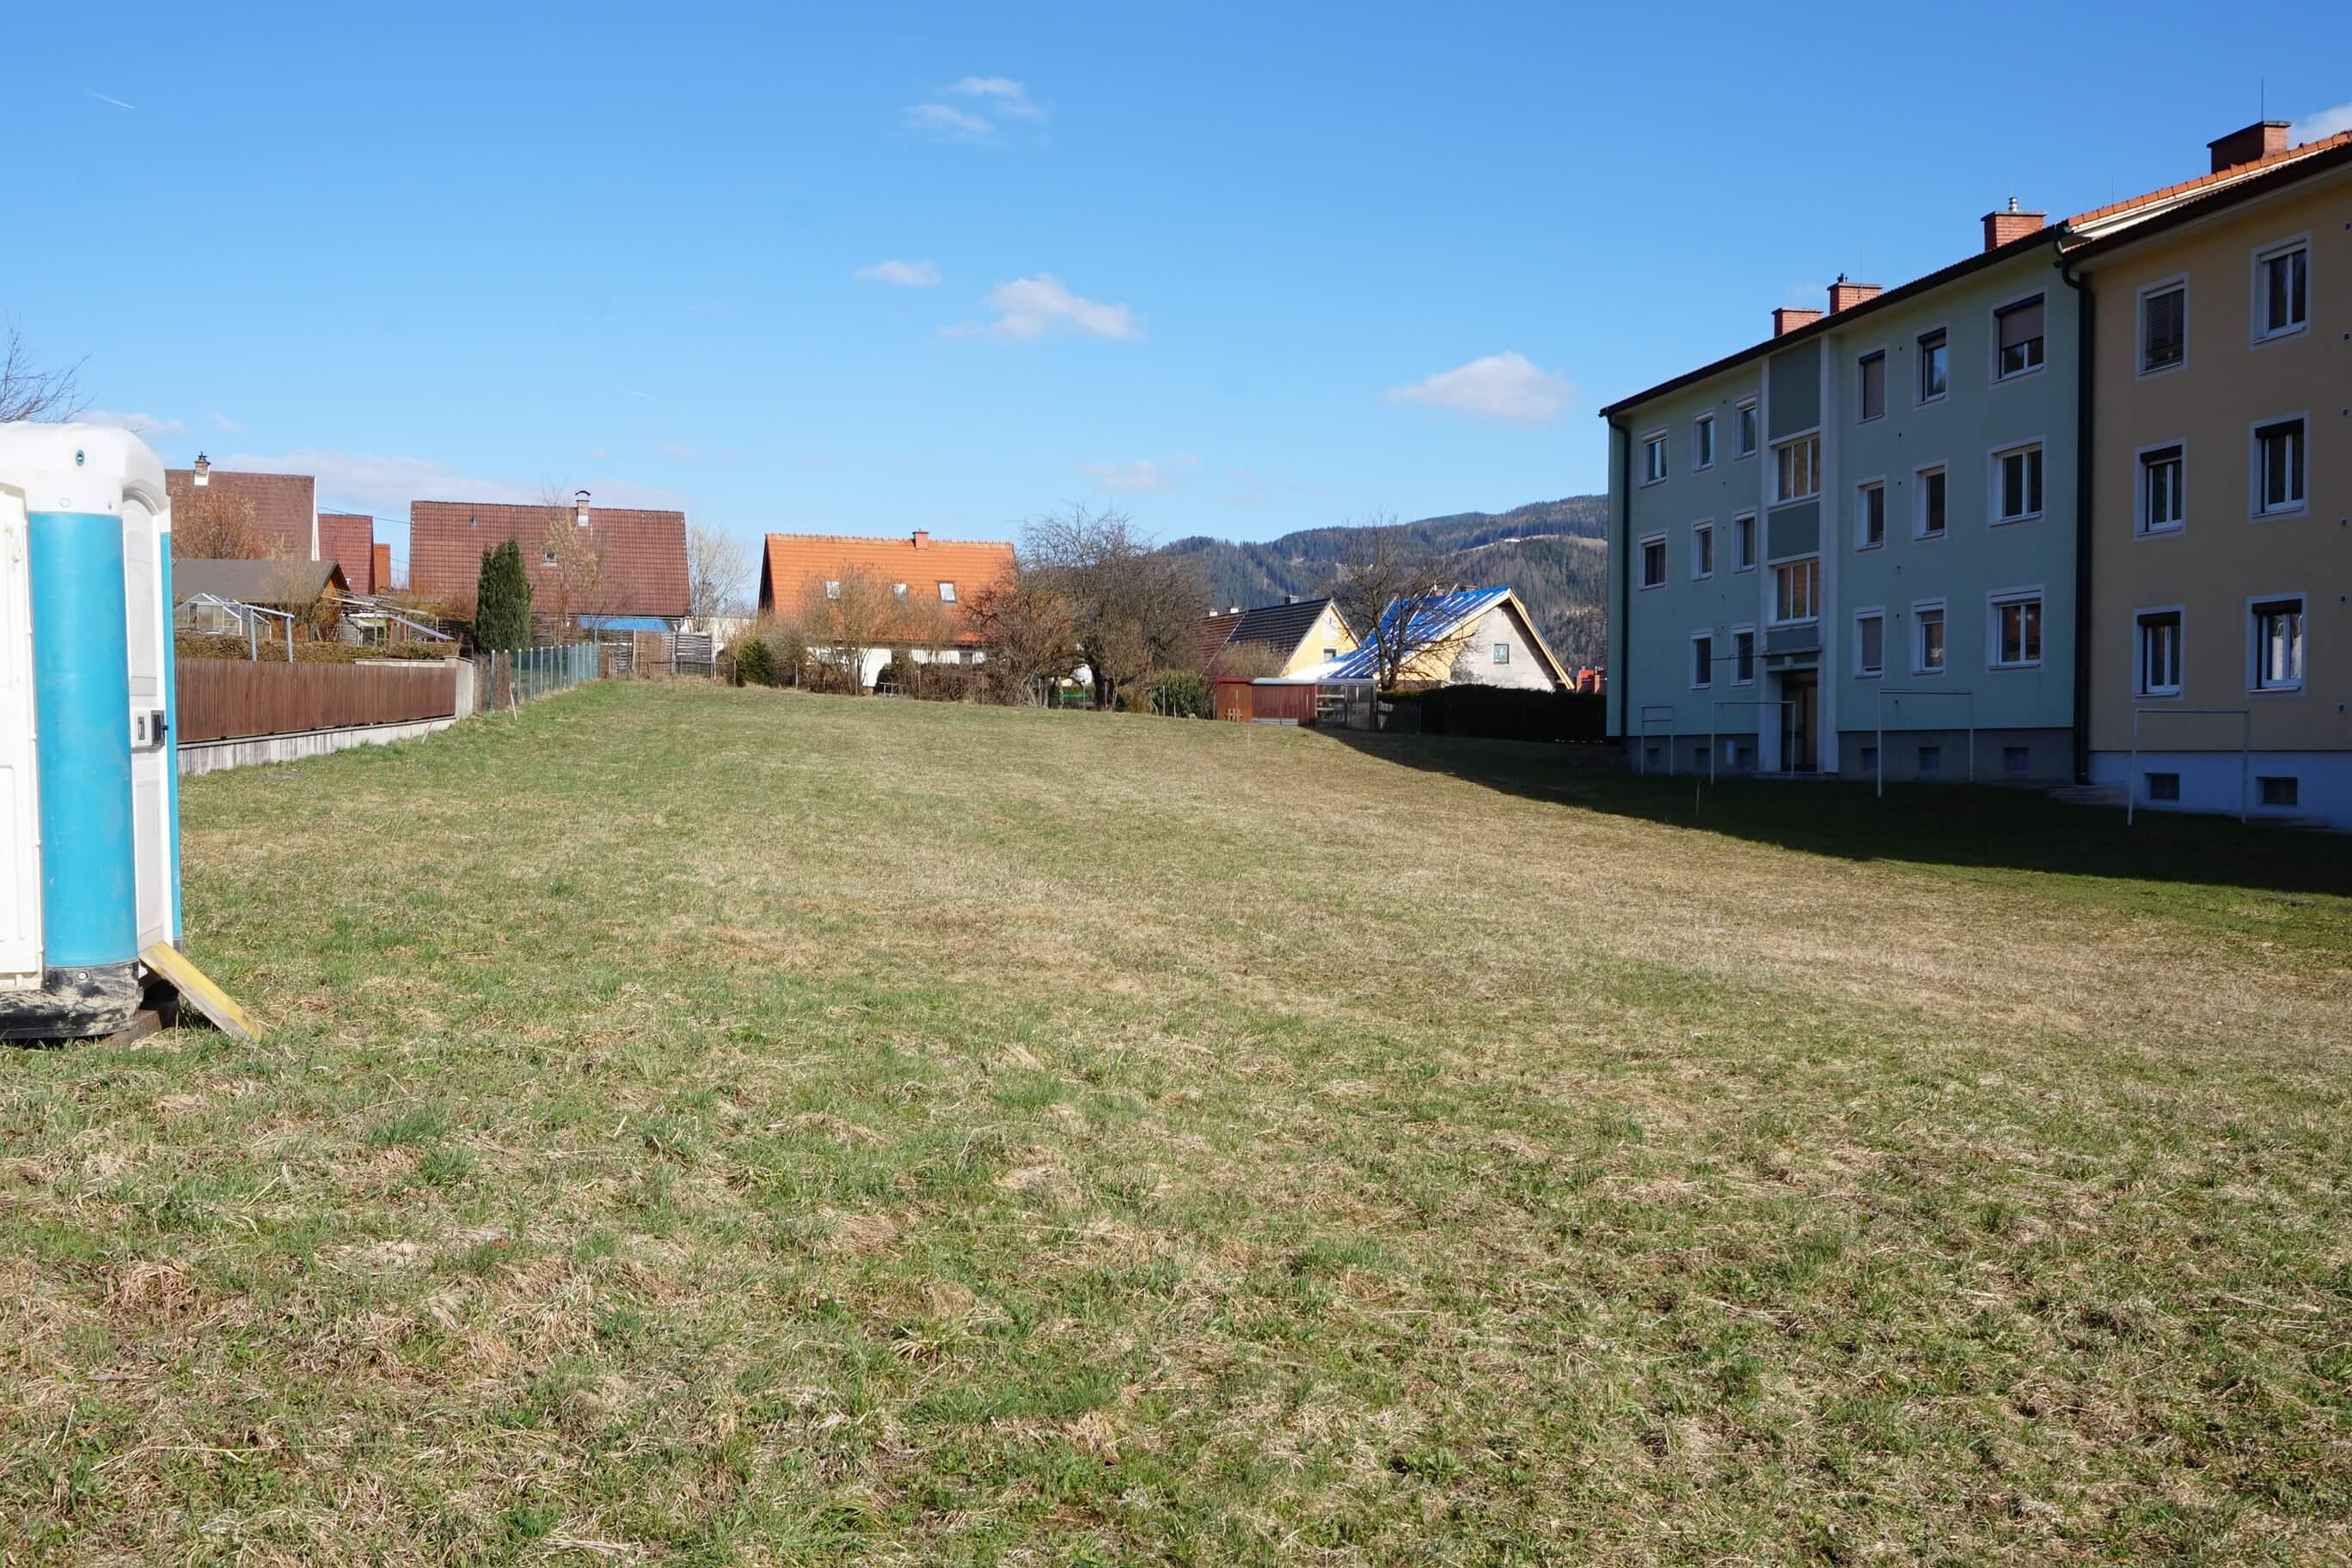 Kindberg/Herzogberg: Baugrund inmitten einer Wohnsiedlung